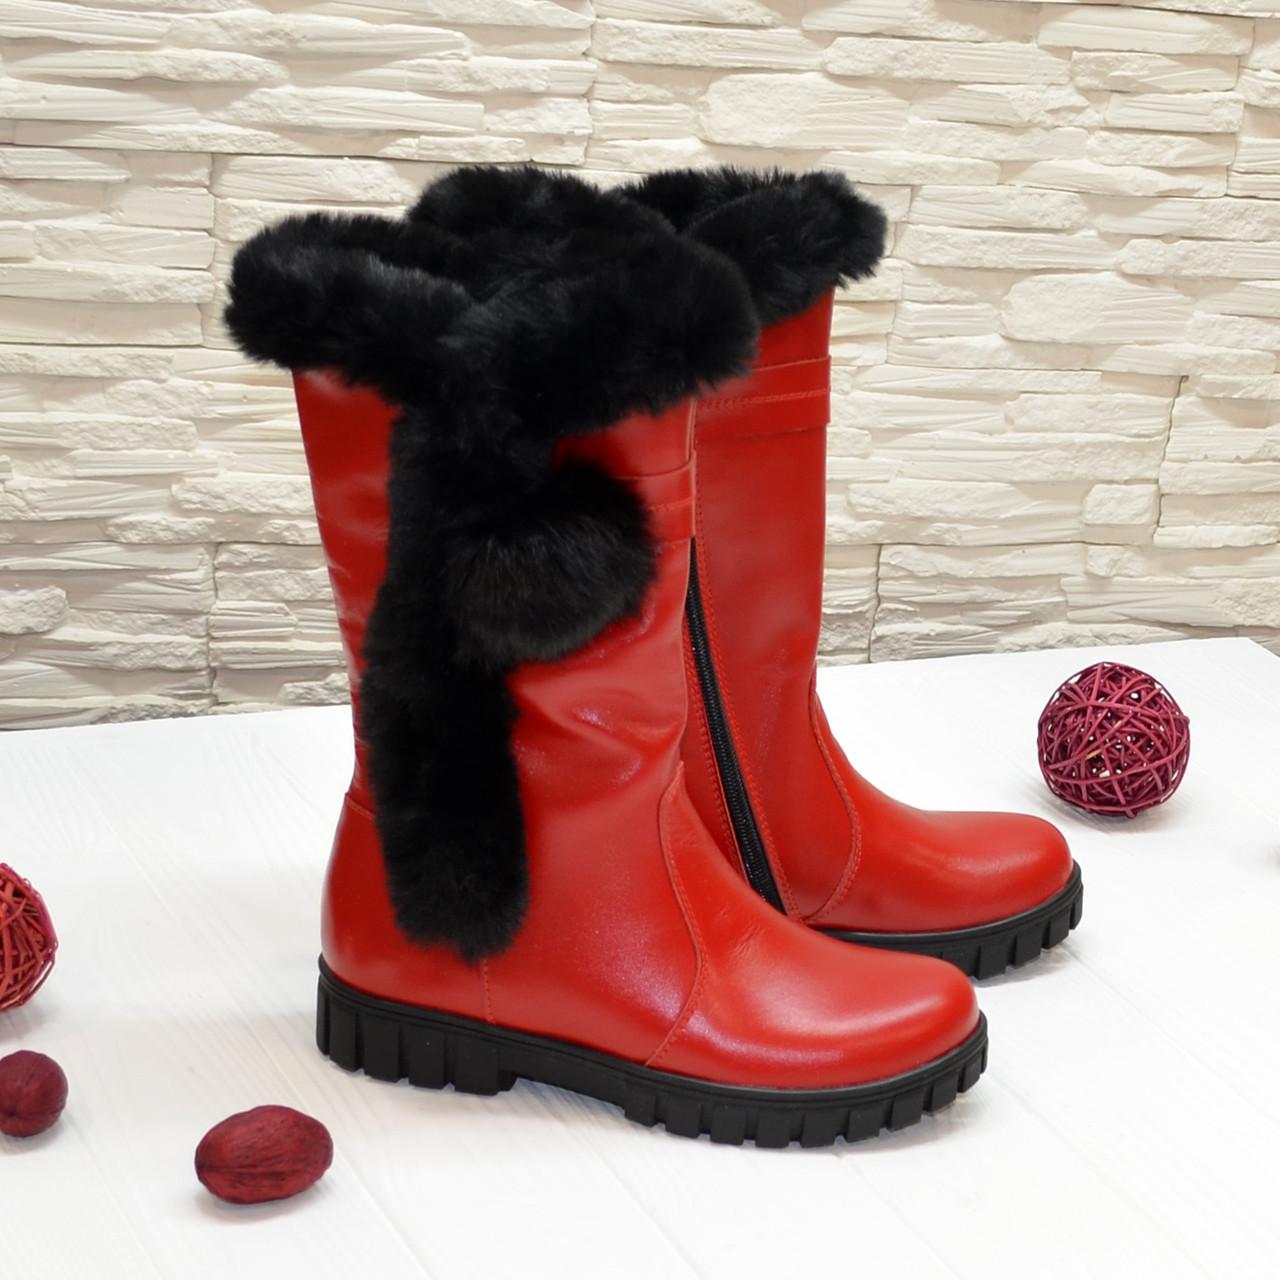 Полусапоги подростковые кожаные для девочек, на утолщённой подошве, цвет красный